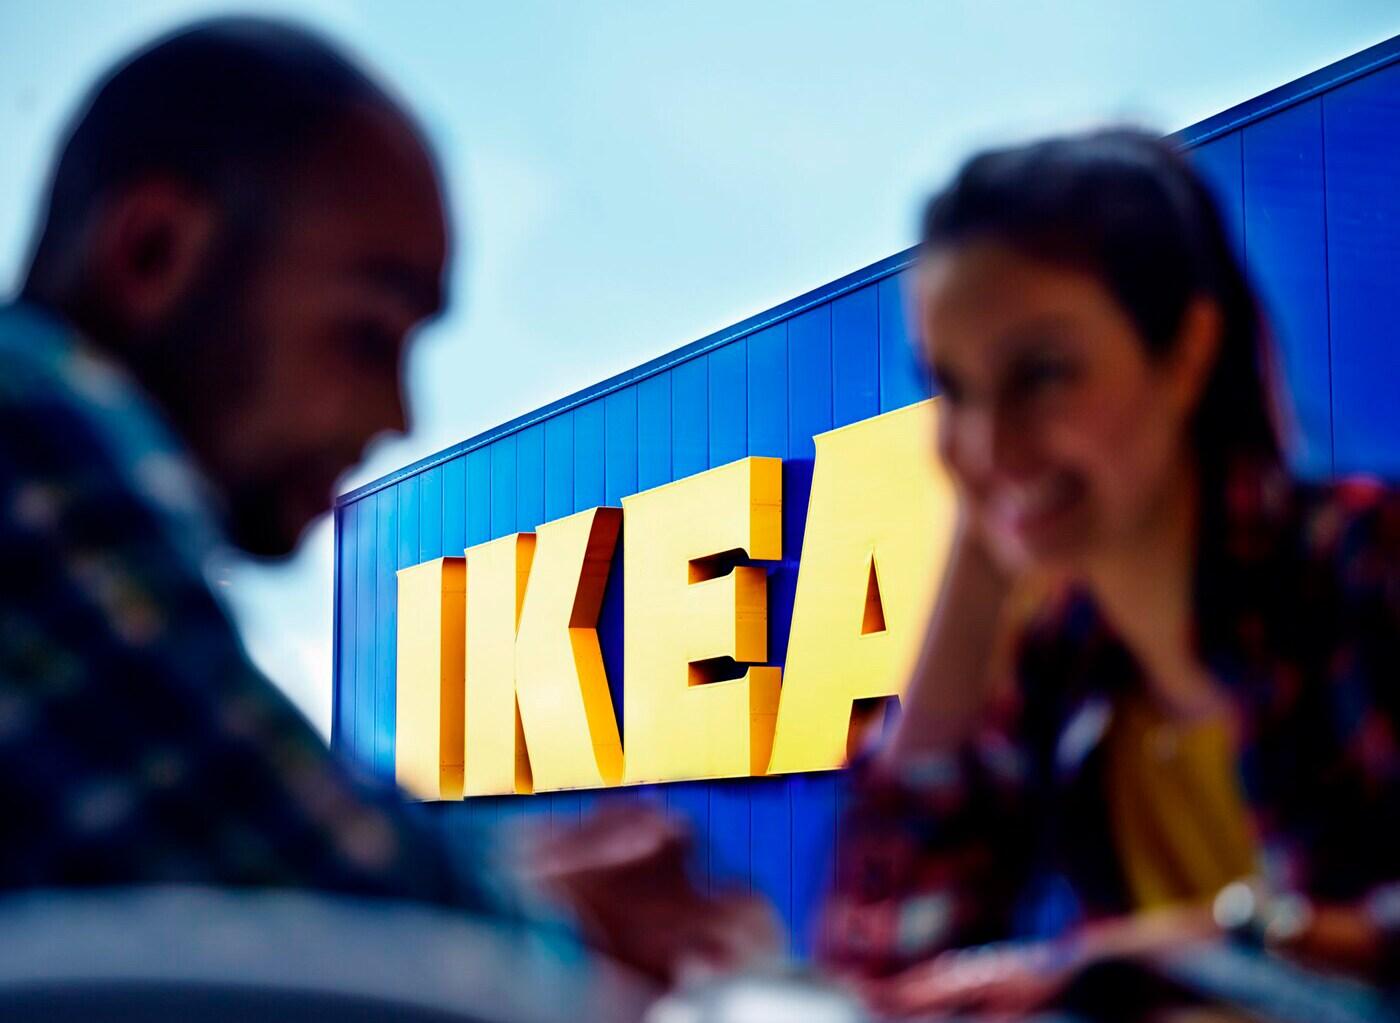 イケアストアの店先にいるカップル。焦点はイケアストアのブライトイエローのロゴに合っています。